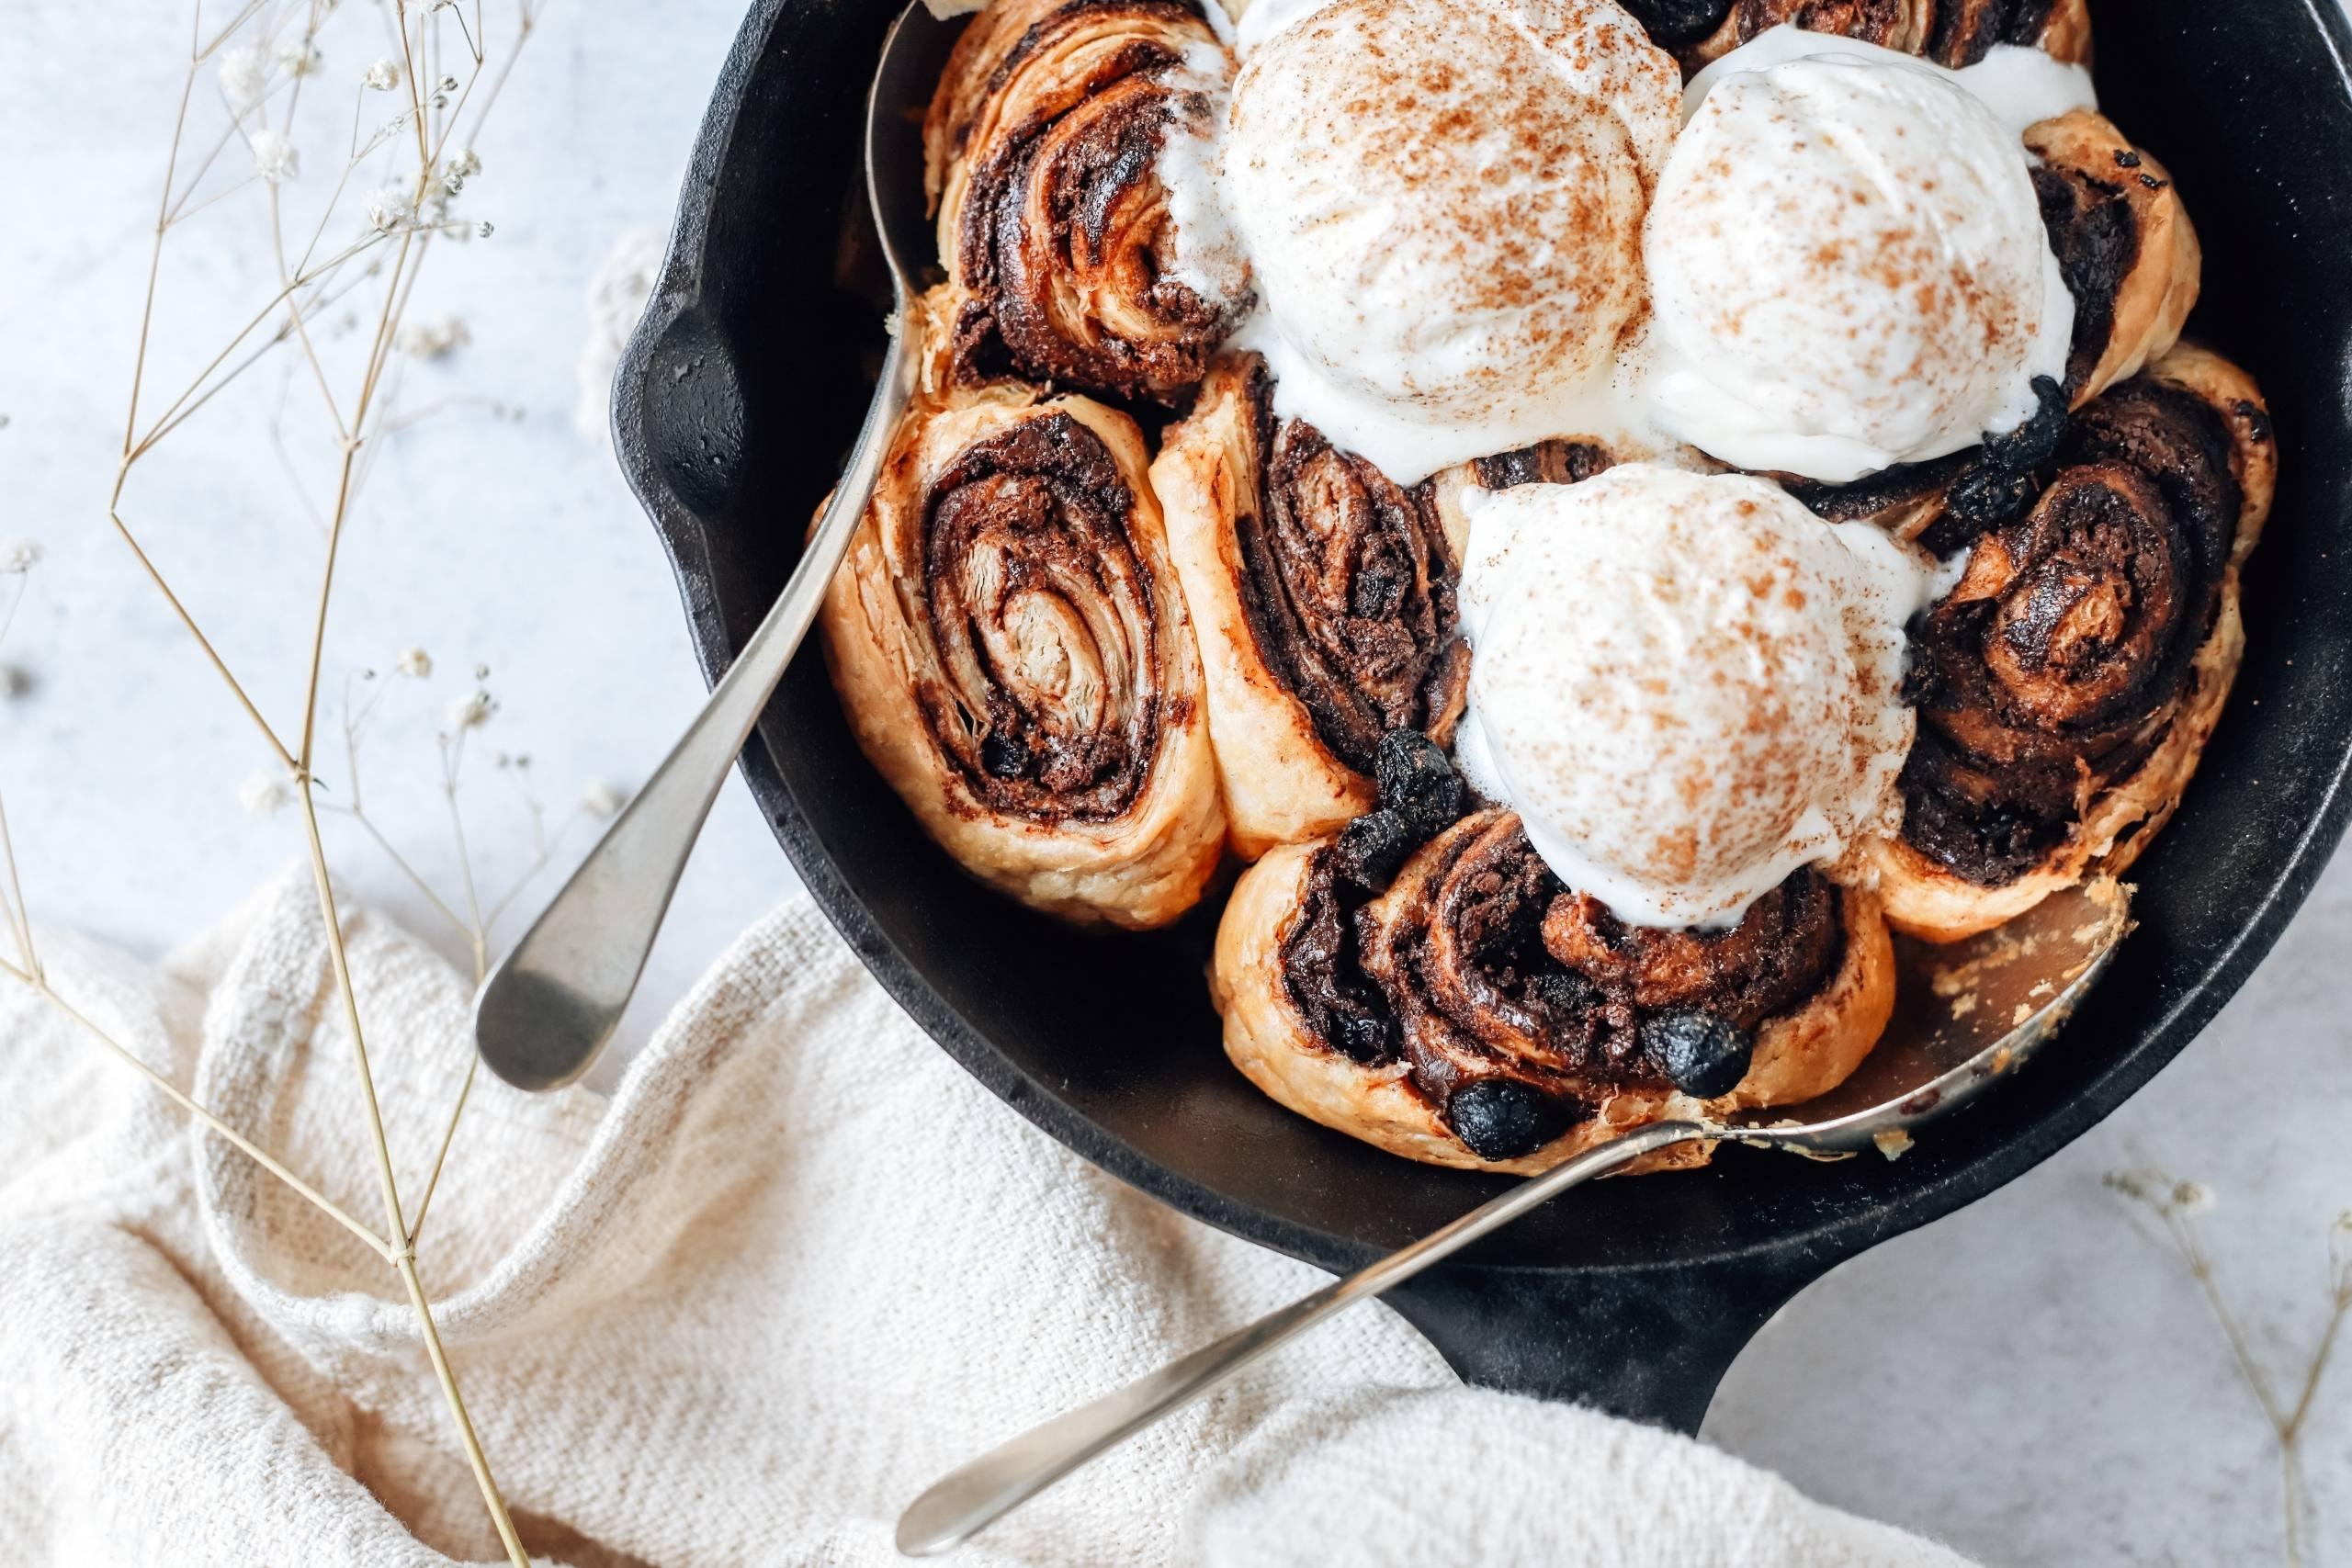 festive skillet dessert